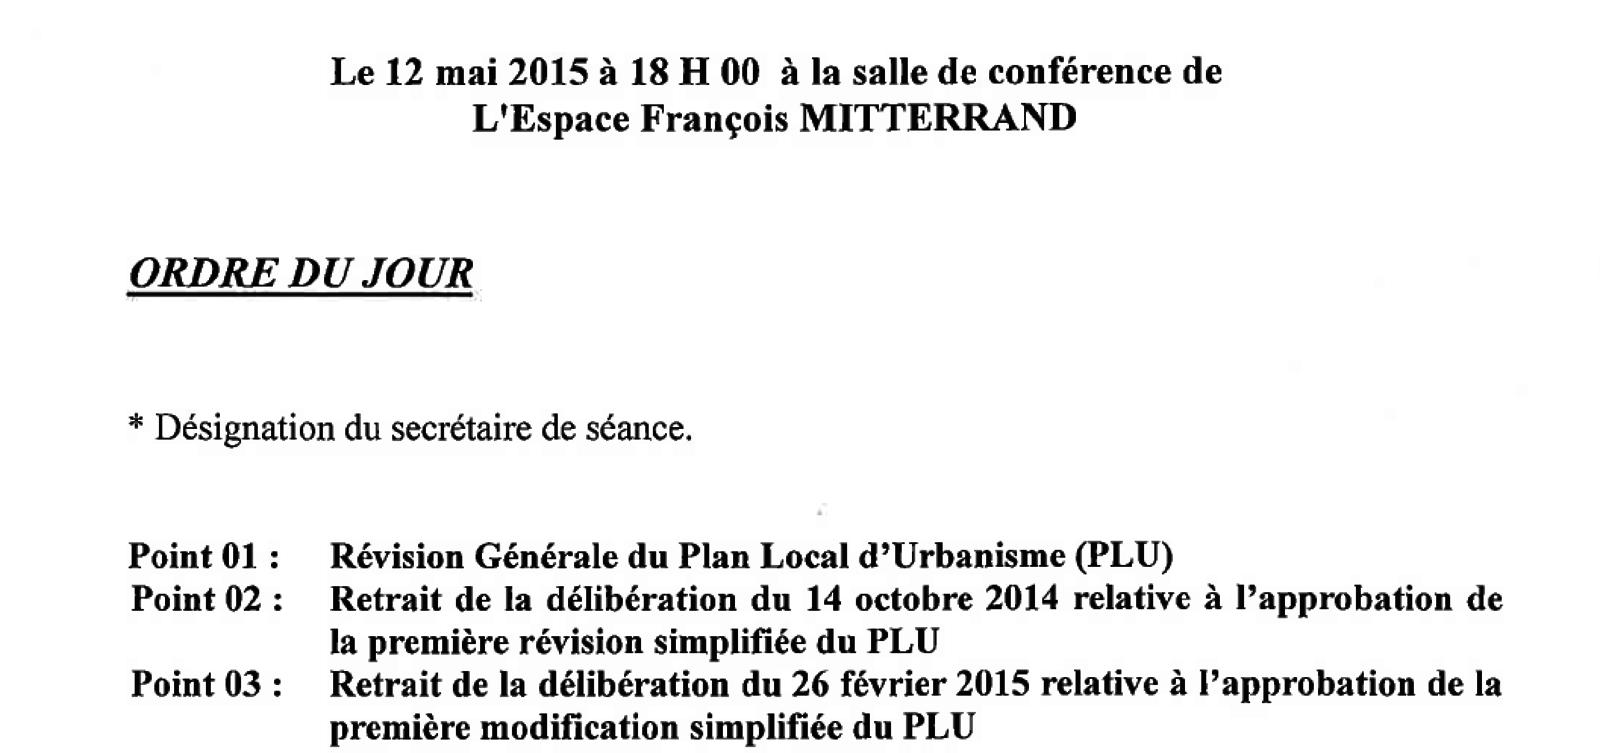 Le Maire recule devant le groupe d'opposition et retire les deux premières procédures du PLU